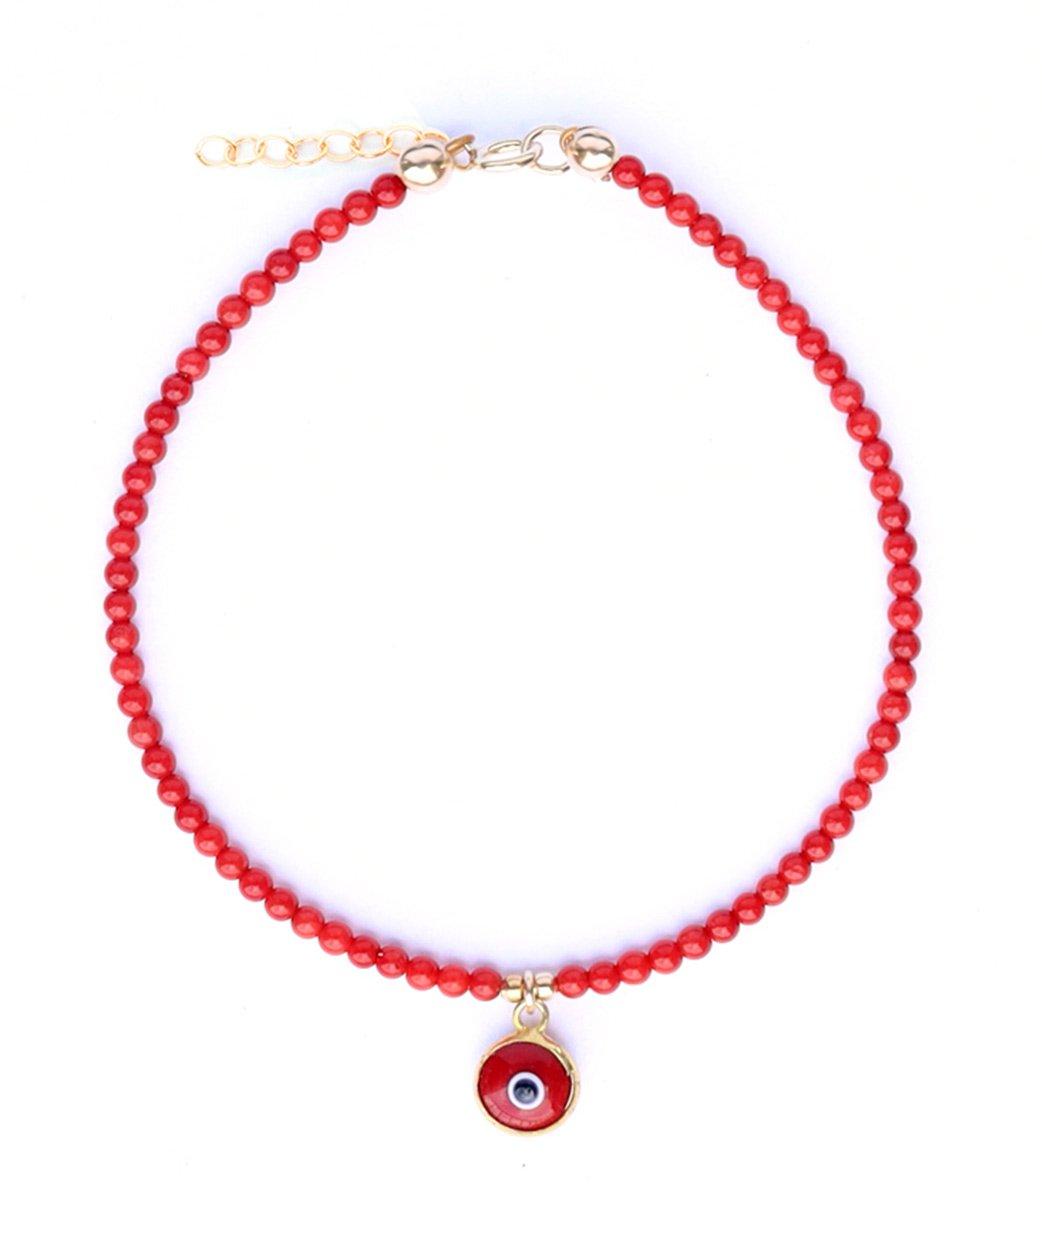 B Gemma Bracelet Red Coral Evil Eye 1